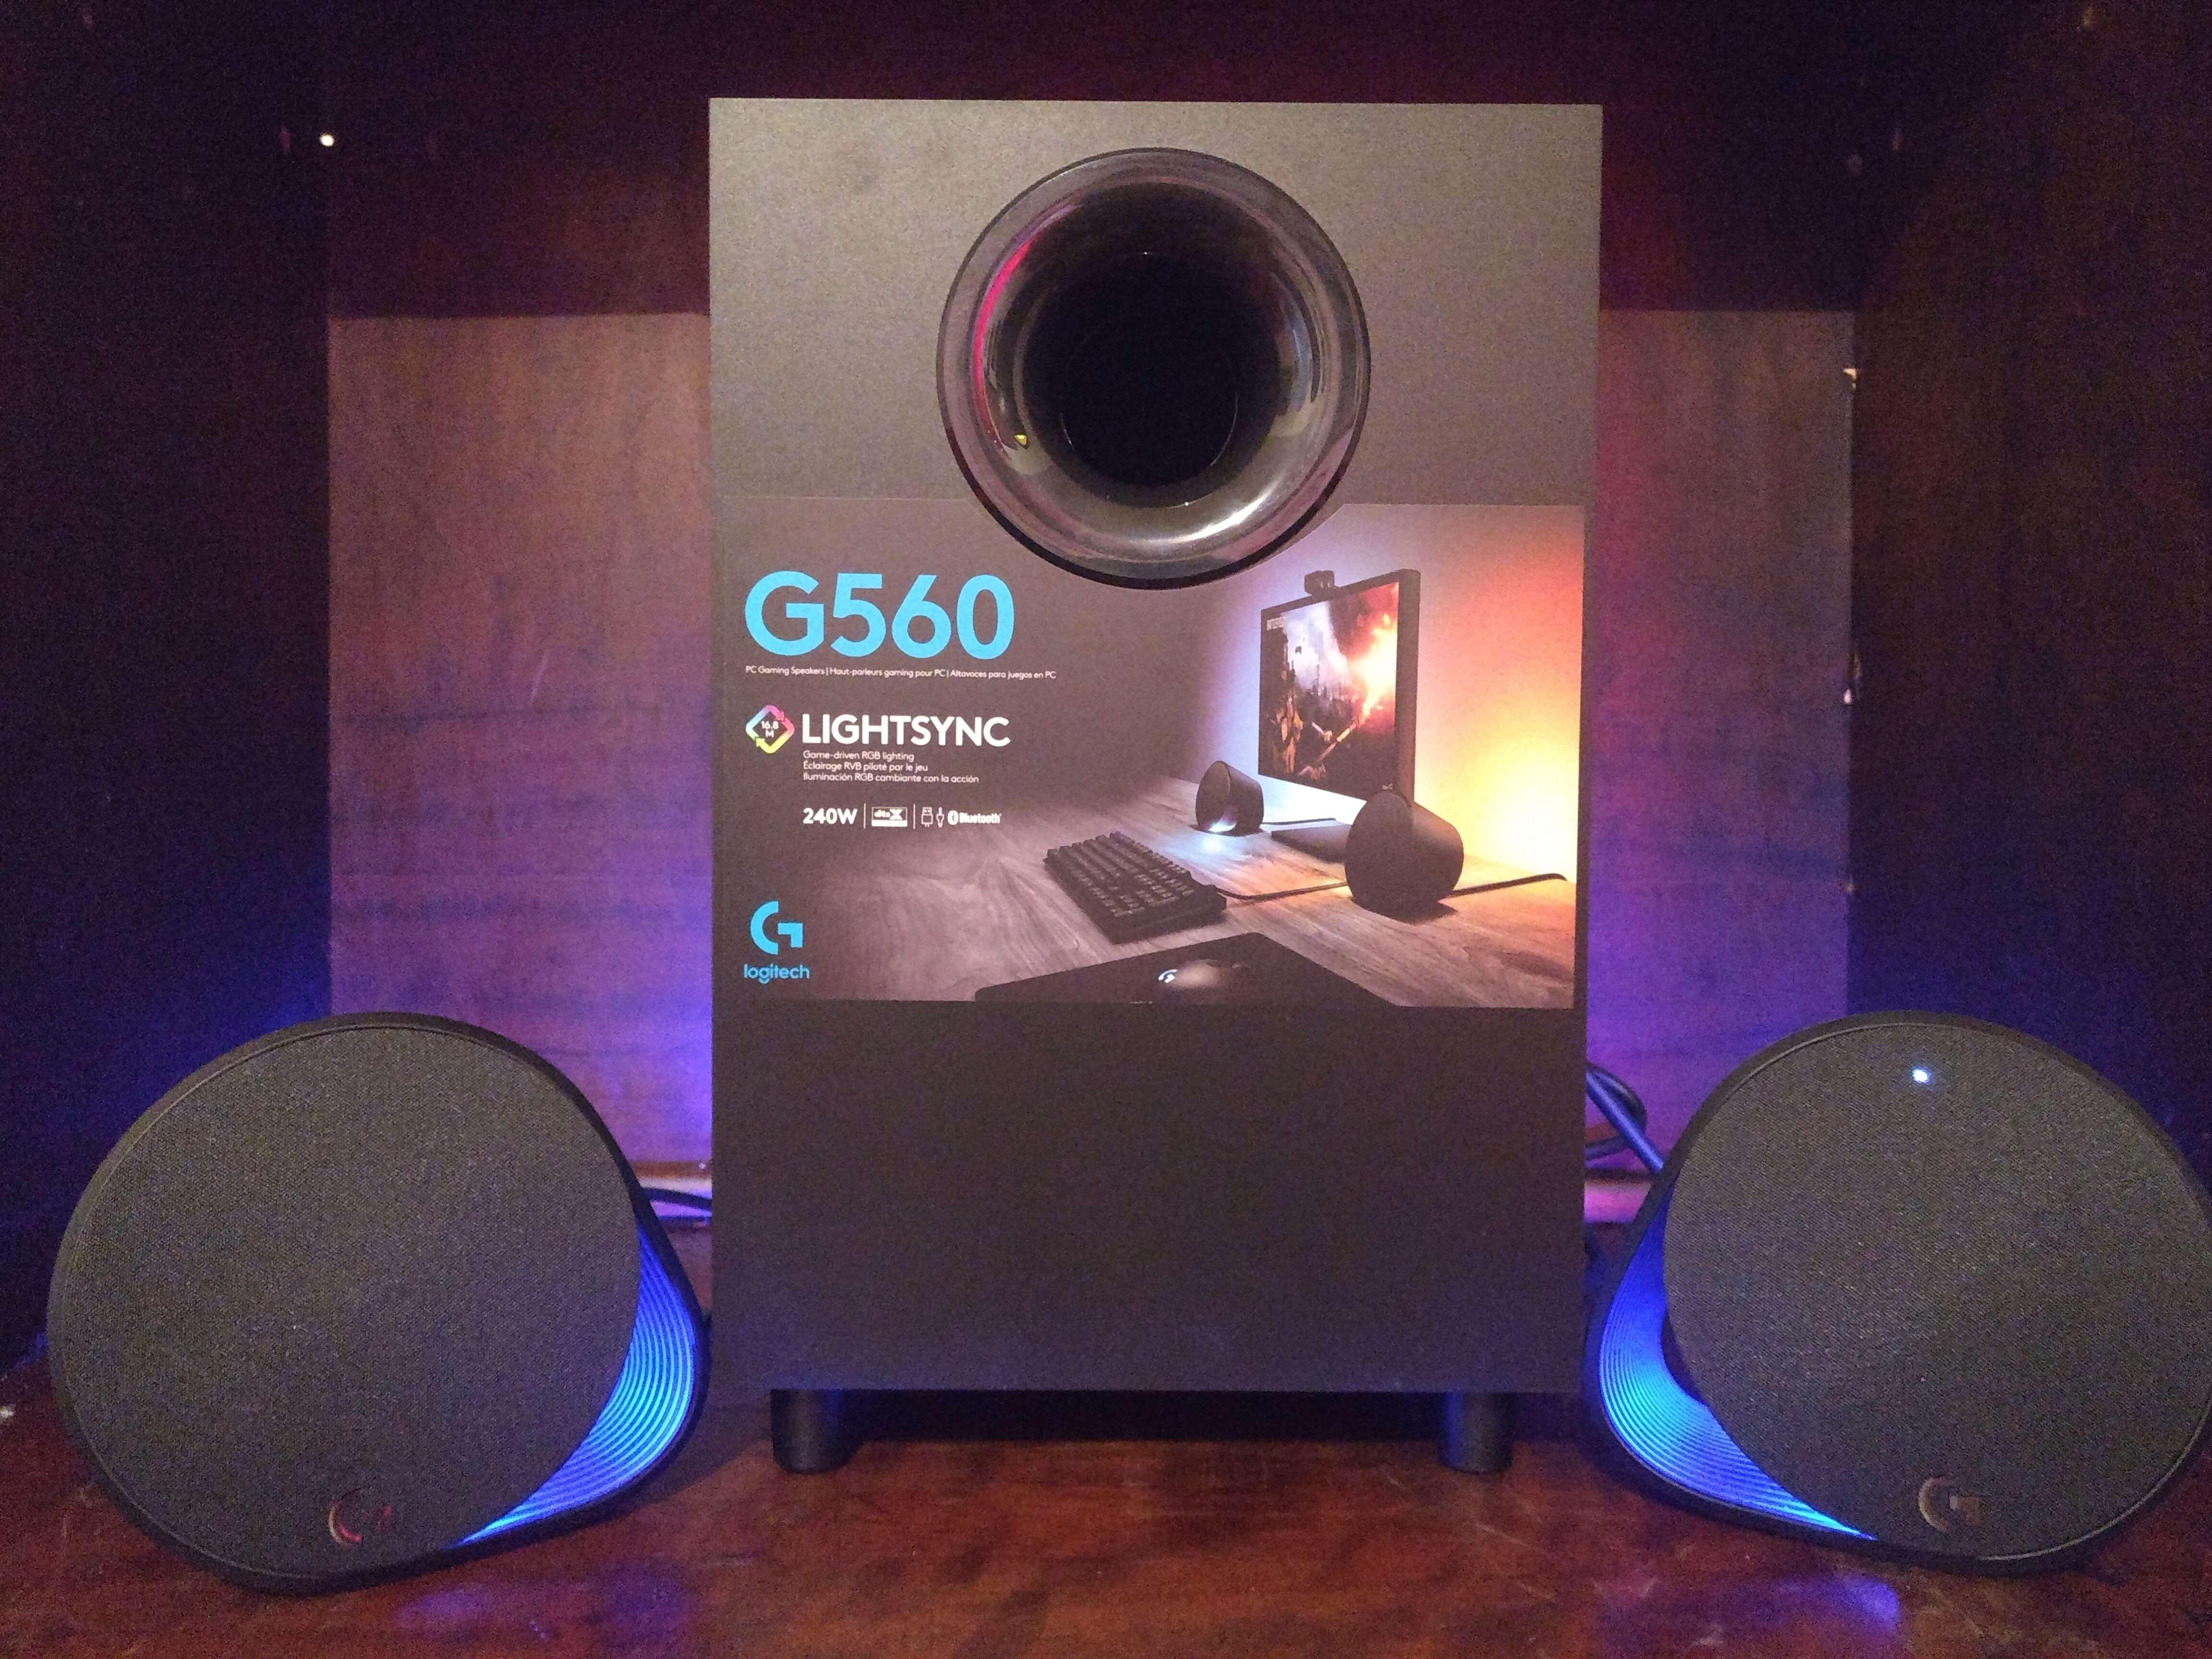 Review: logitech g560 entrega iluminação e áudio imersivos para jogos. Neste review analisamos os alto-falantes g560 da logitech que acaba de desembarcar no brasil. Será que vale a pena o investimento? Confira!